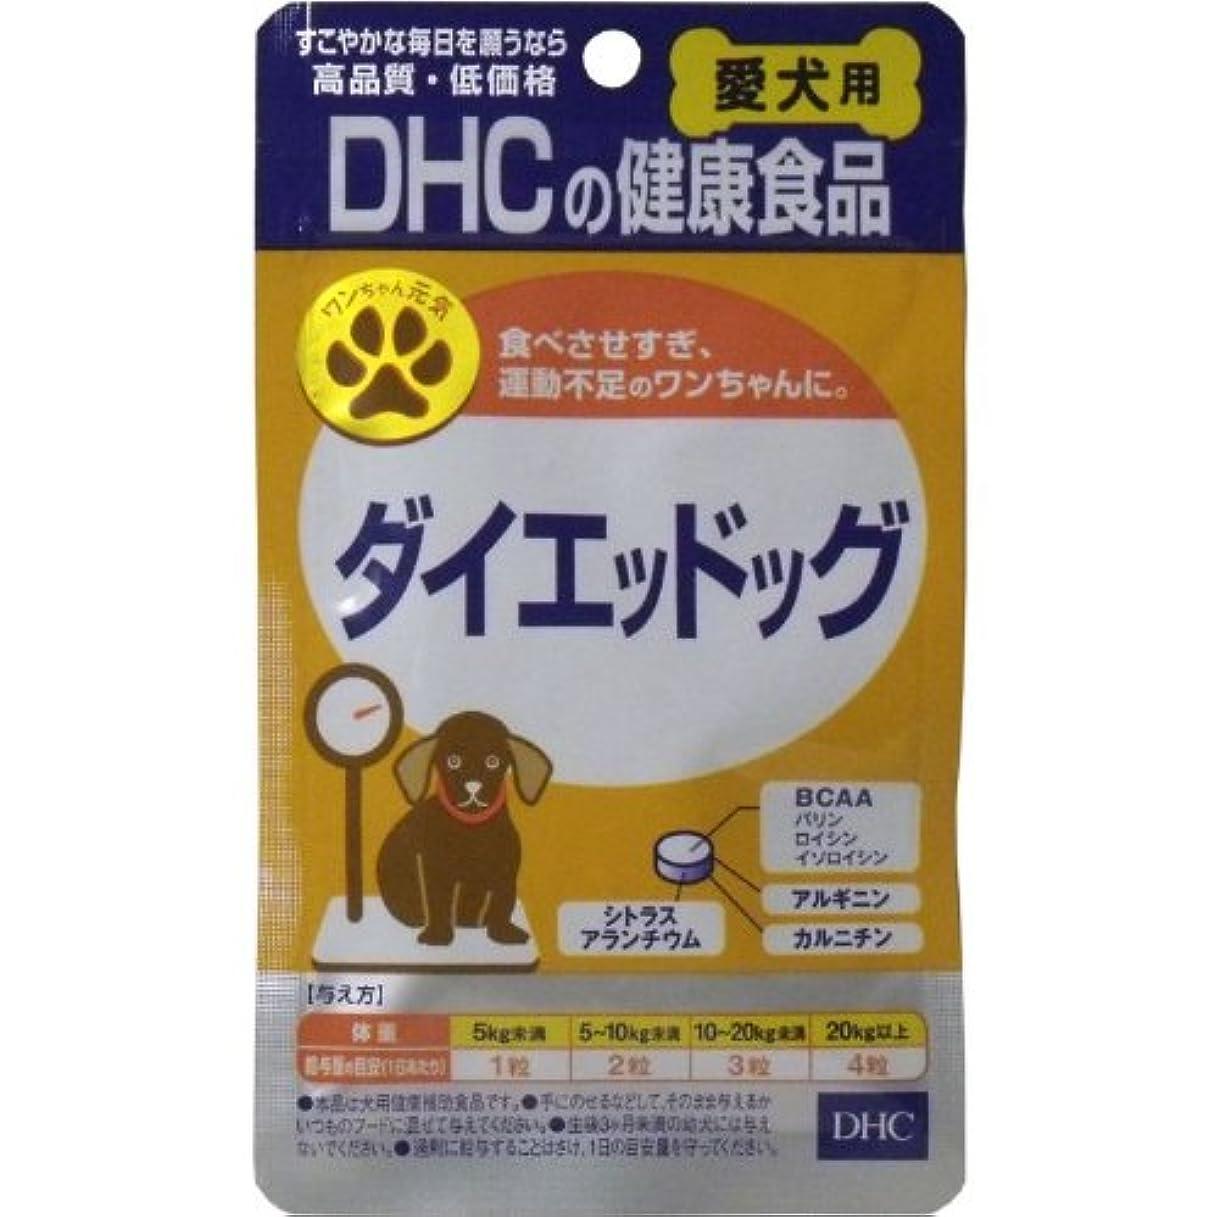 高架びっくり出撃者ペット用品 ペットサプリメント ダイエット 健康 食品 犬用